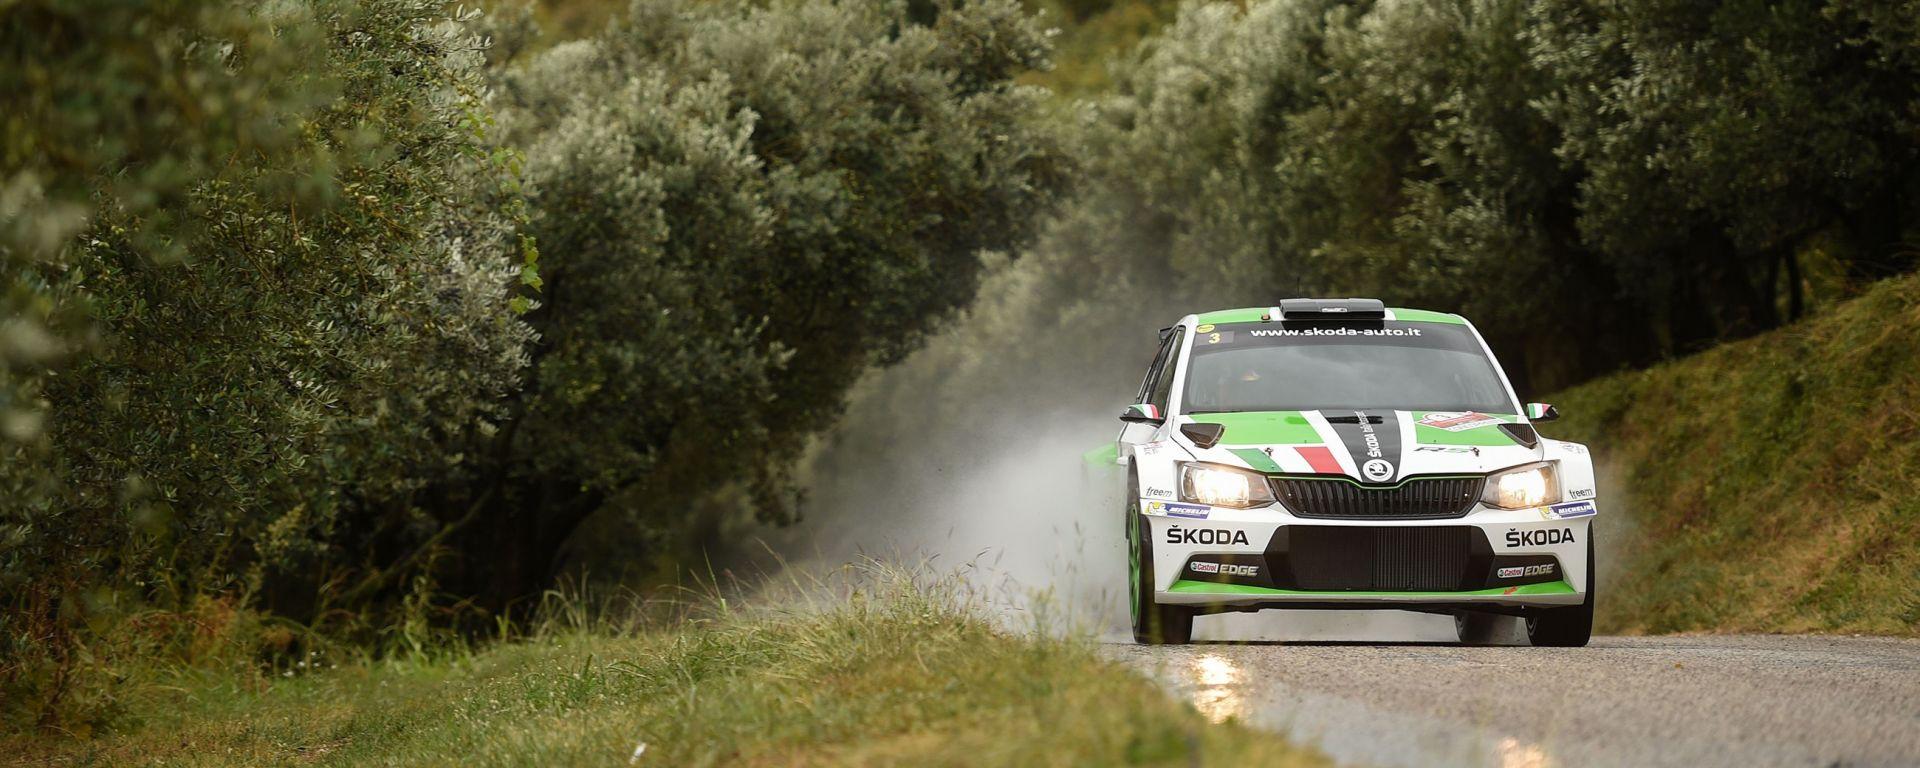 Campionato italiano rally: le pagelle del rally Due Valli